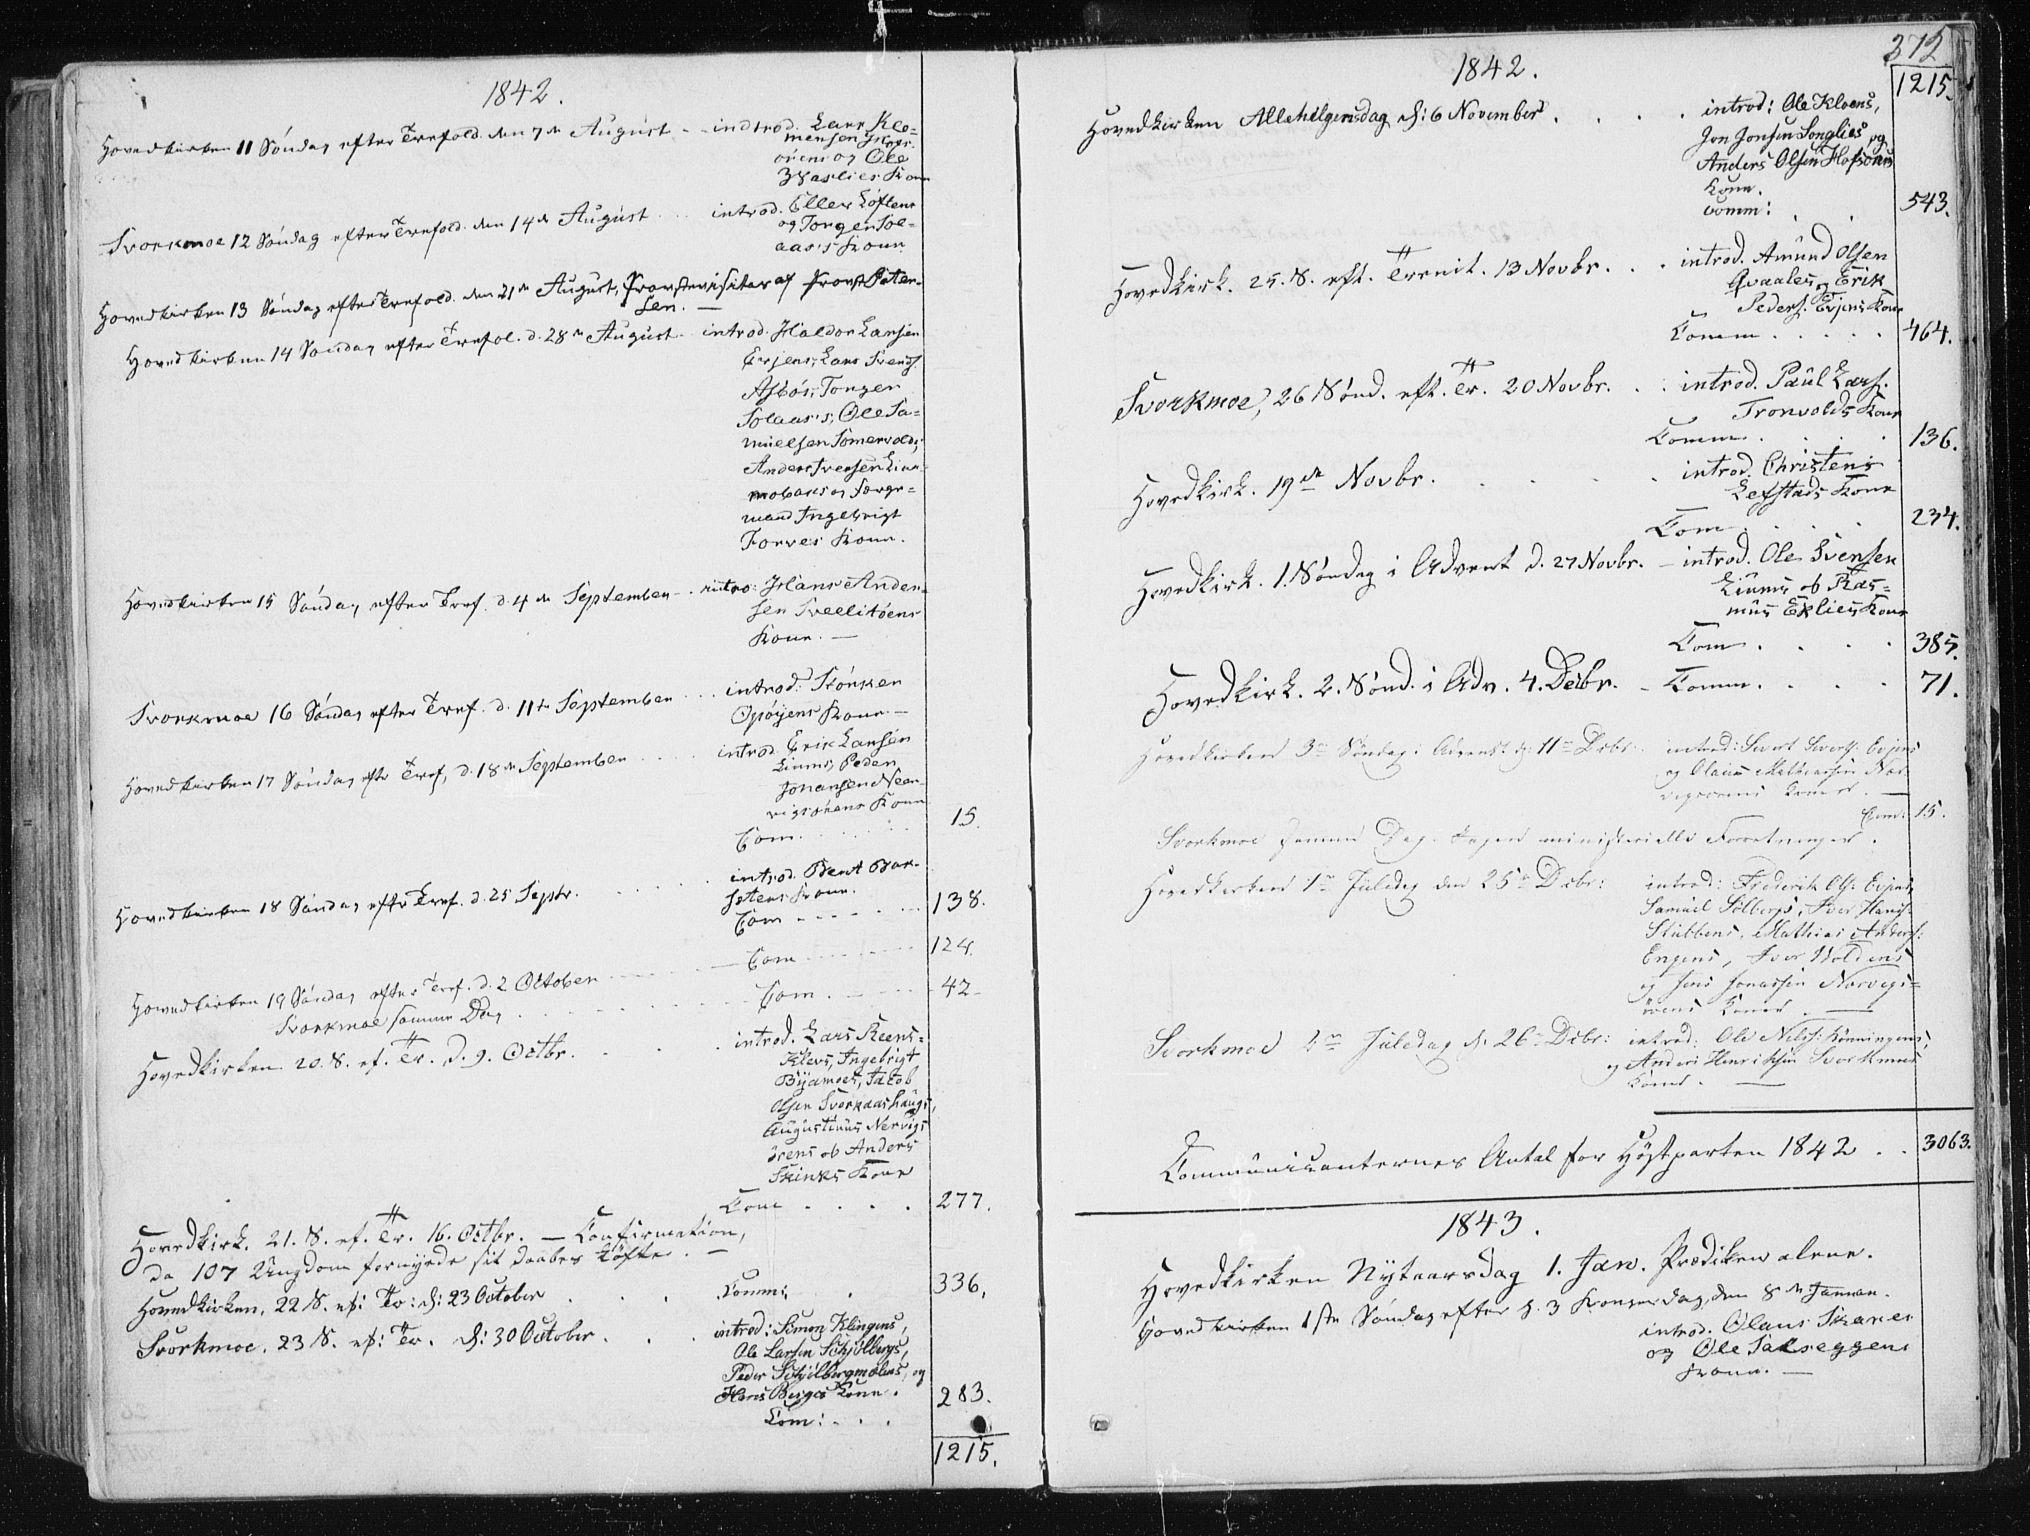 SAT, Ministerialprotokoller, klokkerbøker og fødselsregistre - Sør-Trøndelag, 668/L0805: Ministerialbok nr. 668A05, 1840-1853, s. 372